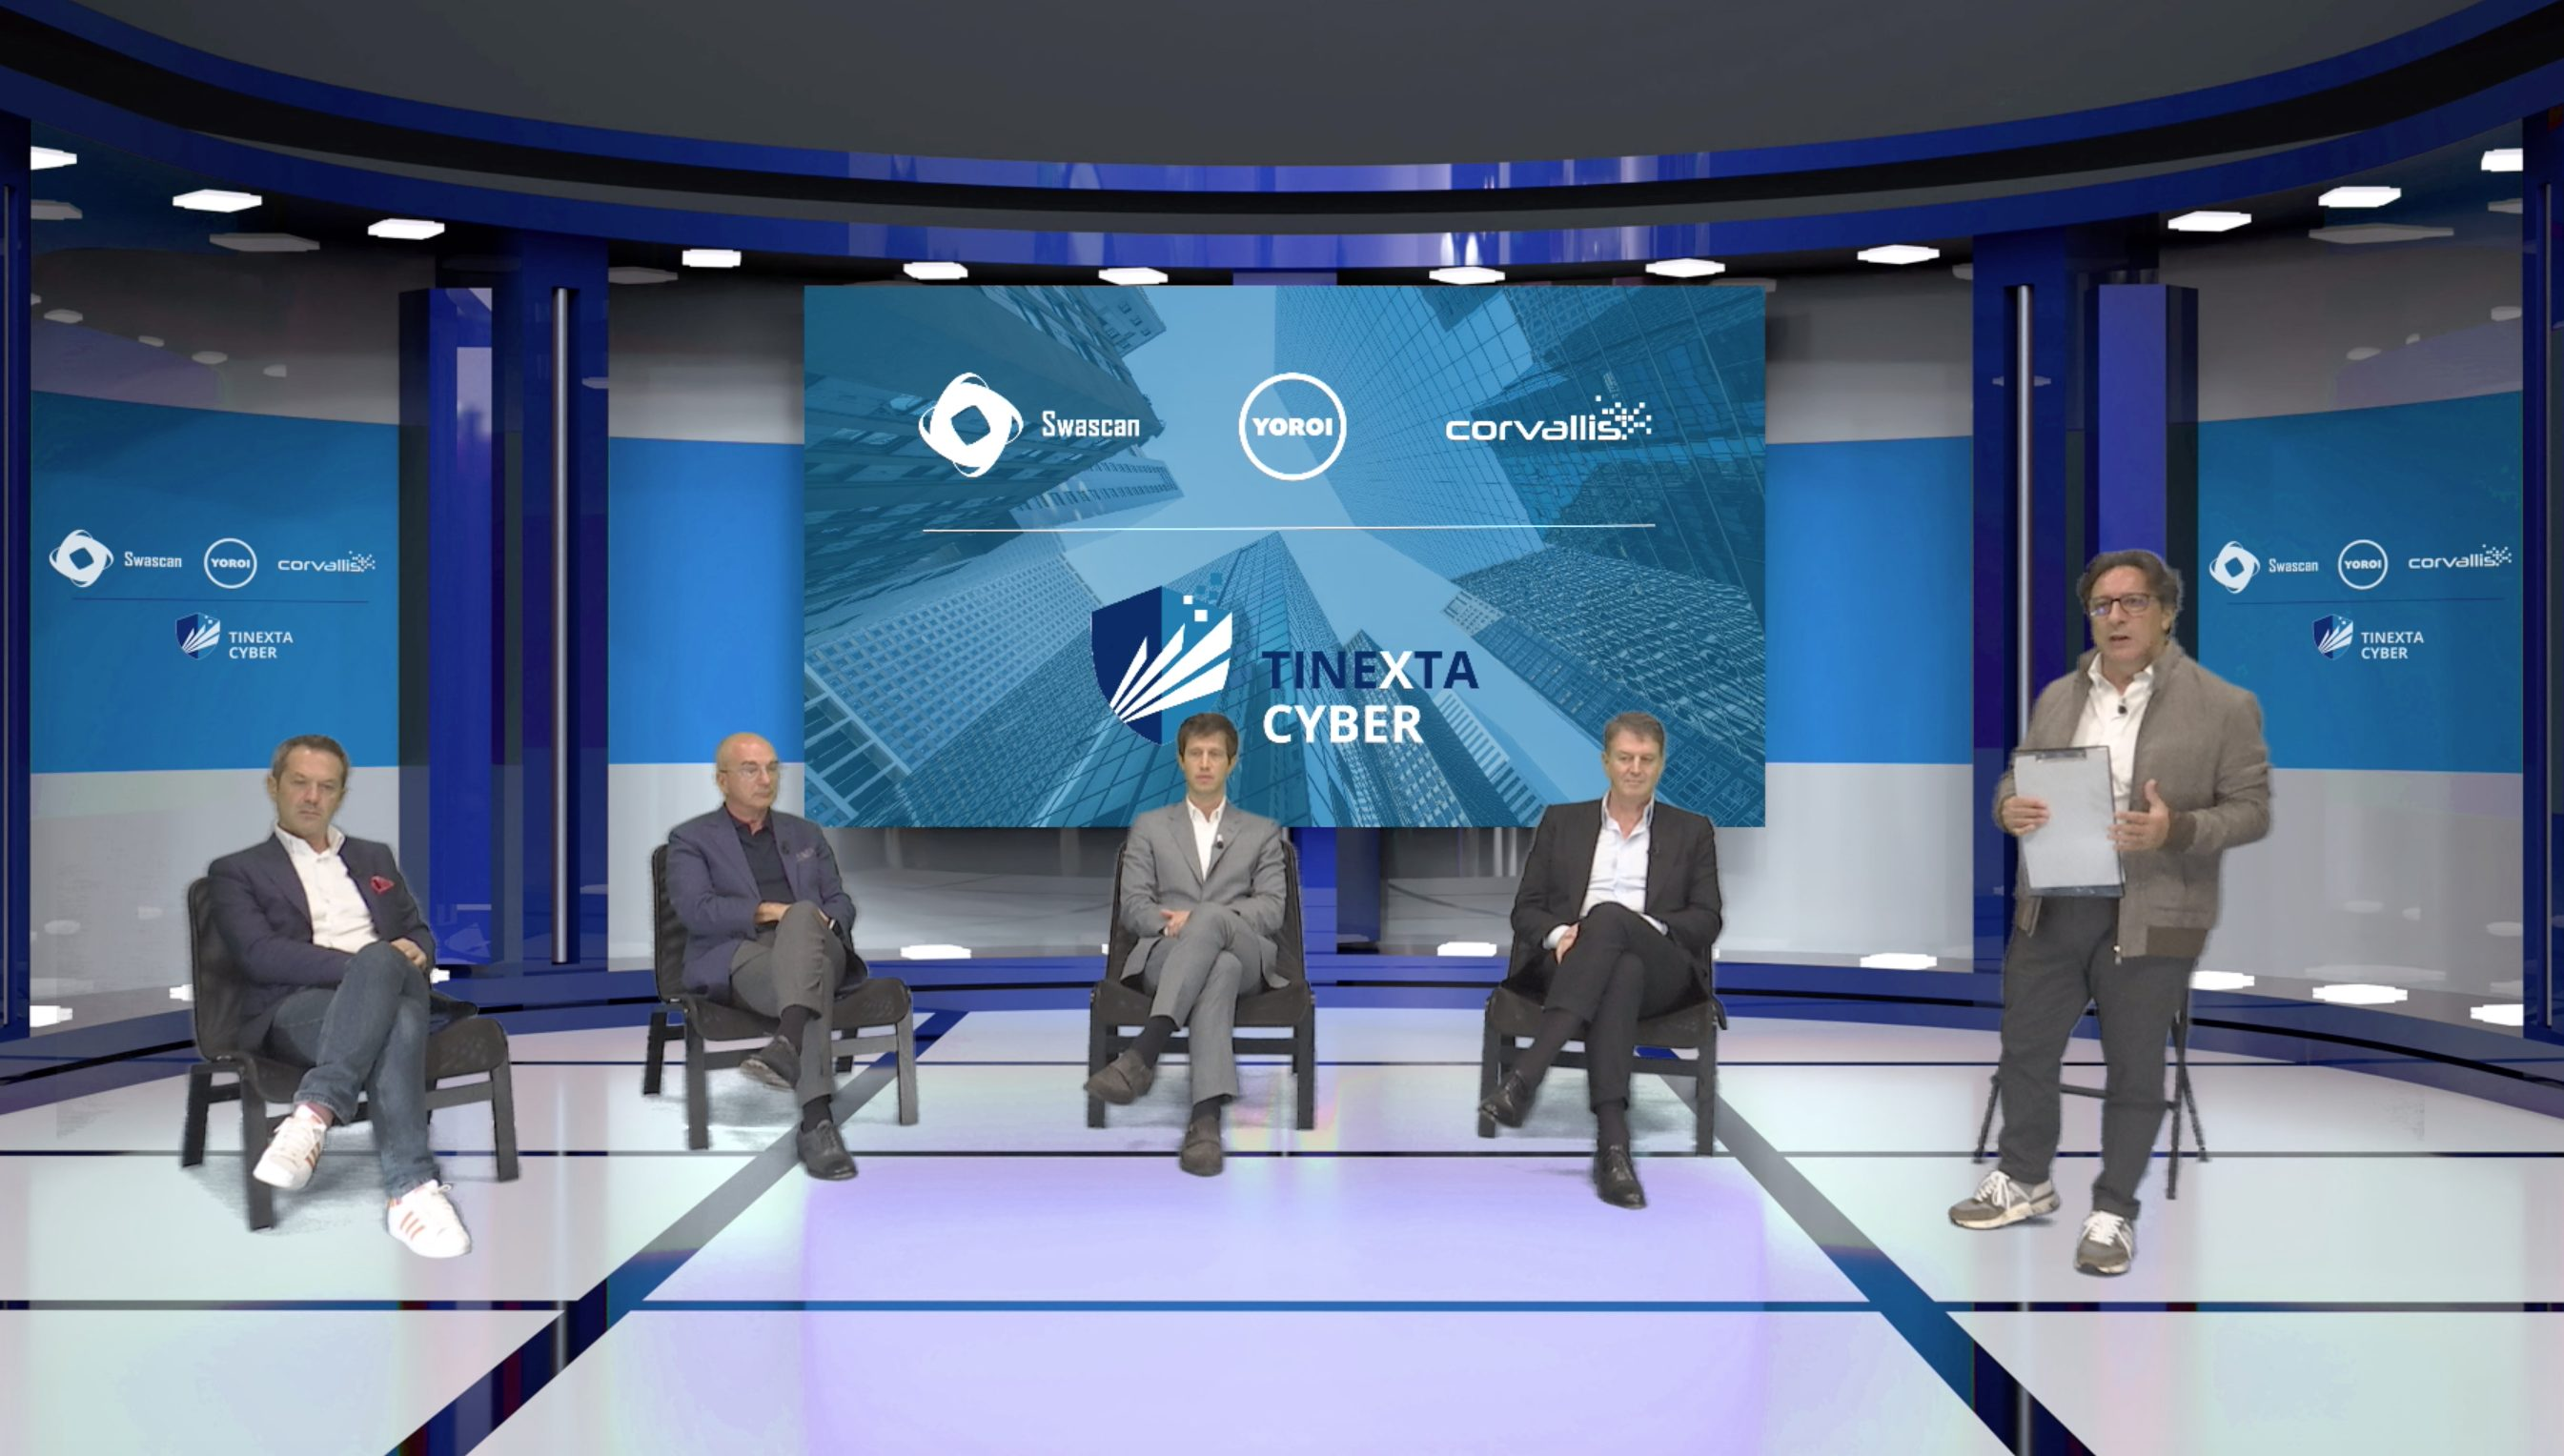 LA SFIDA DEGLI HYBRID EVENTS: IL VIRTUAL KICK OFF DI TINEXTA CYBER